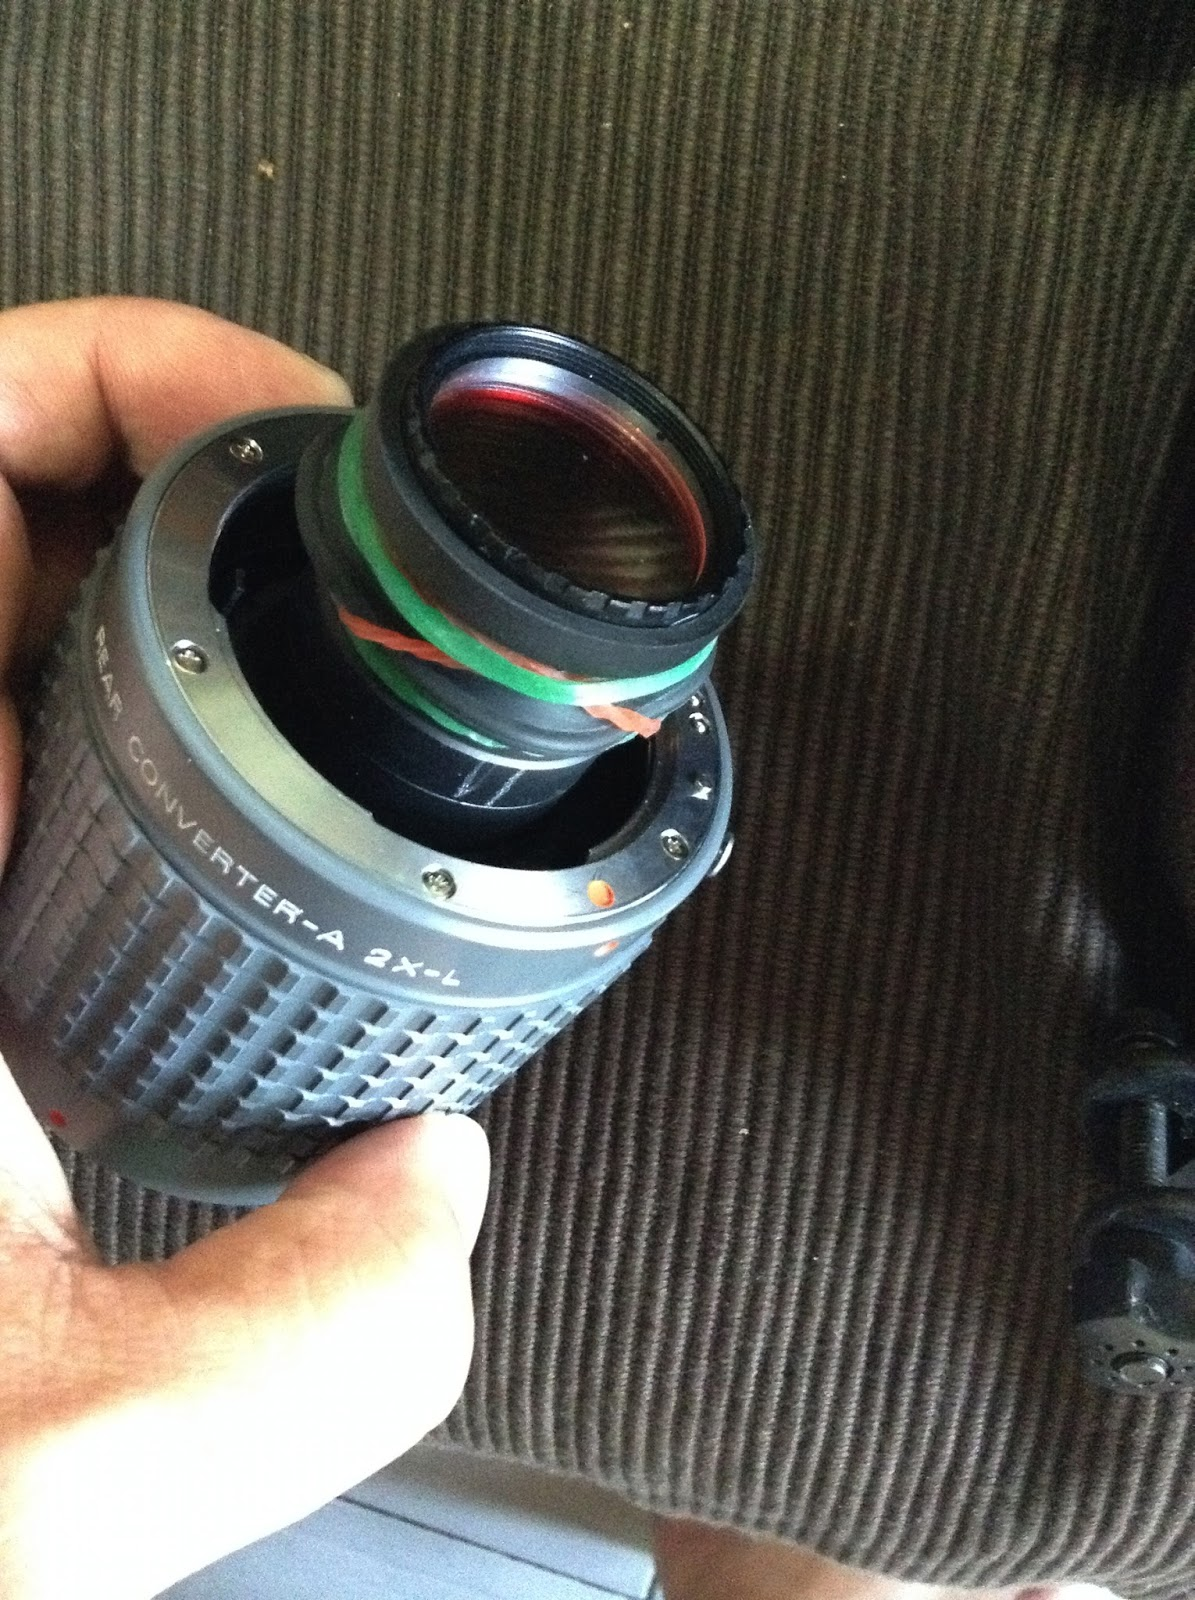 將31.7mm目鏡規格的continuum濾鏡接上Pentax 2x-L兩倍鏡的方法